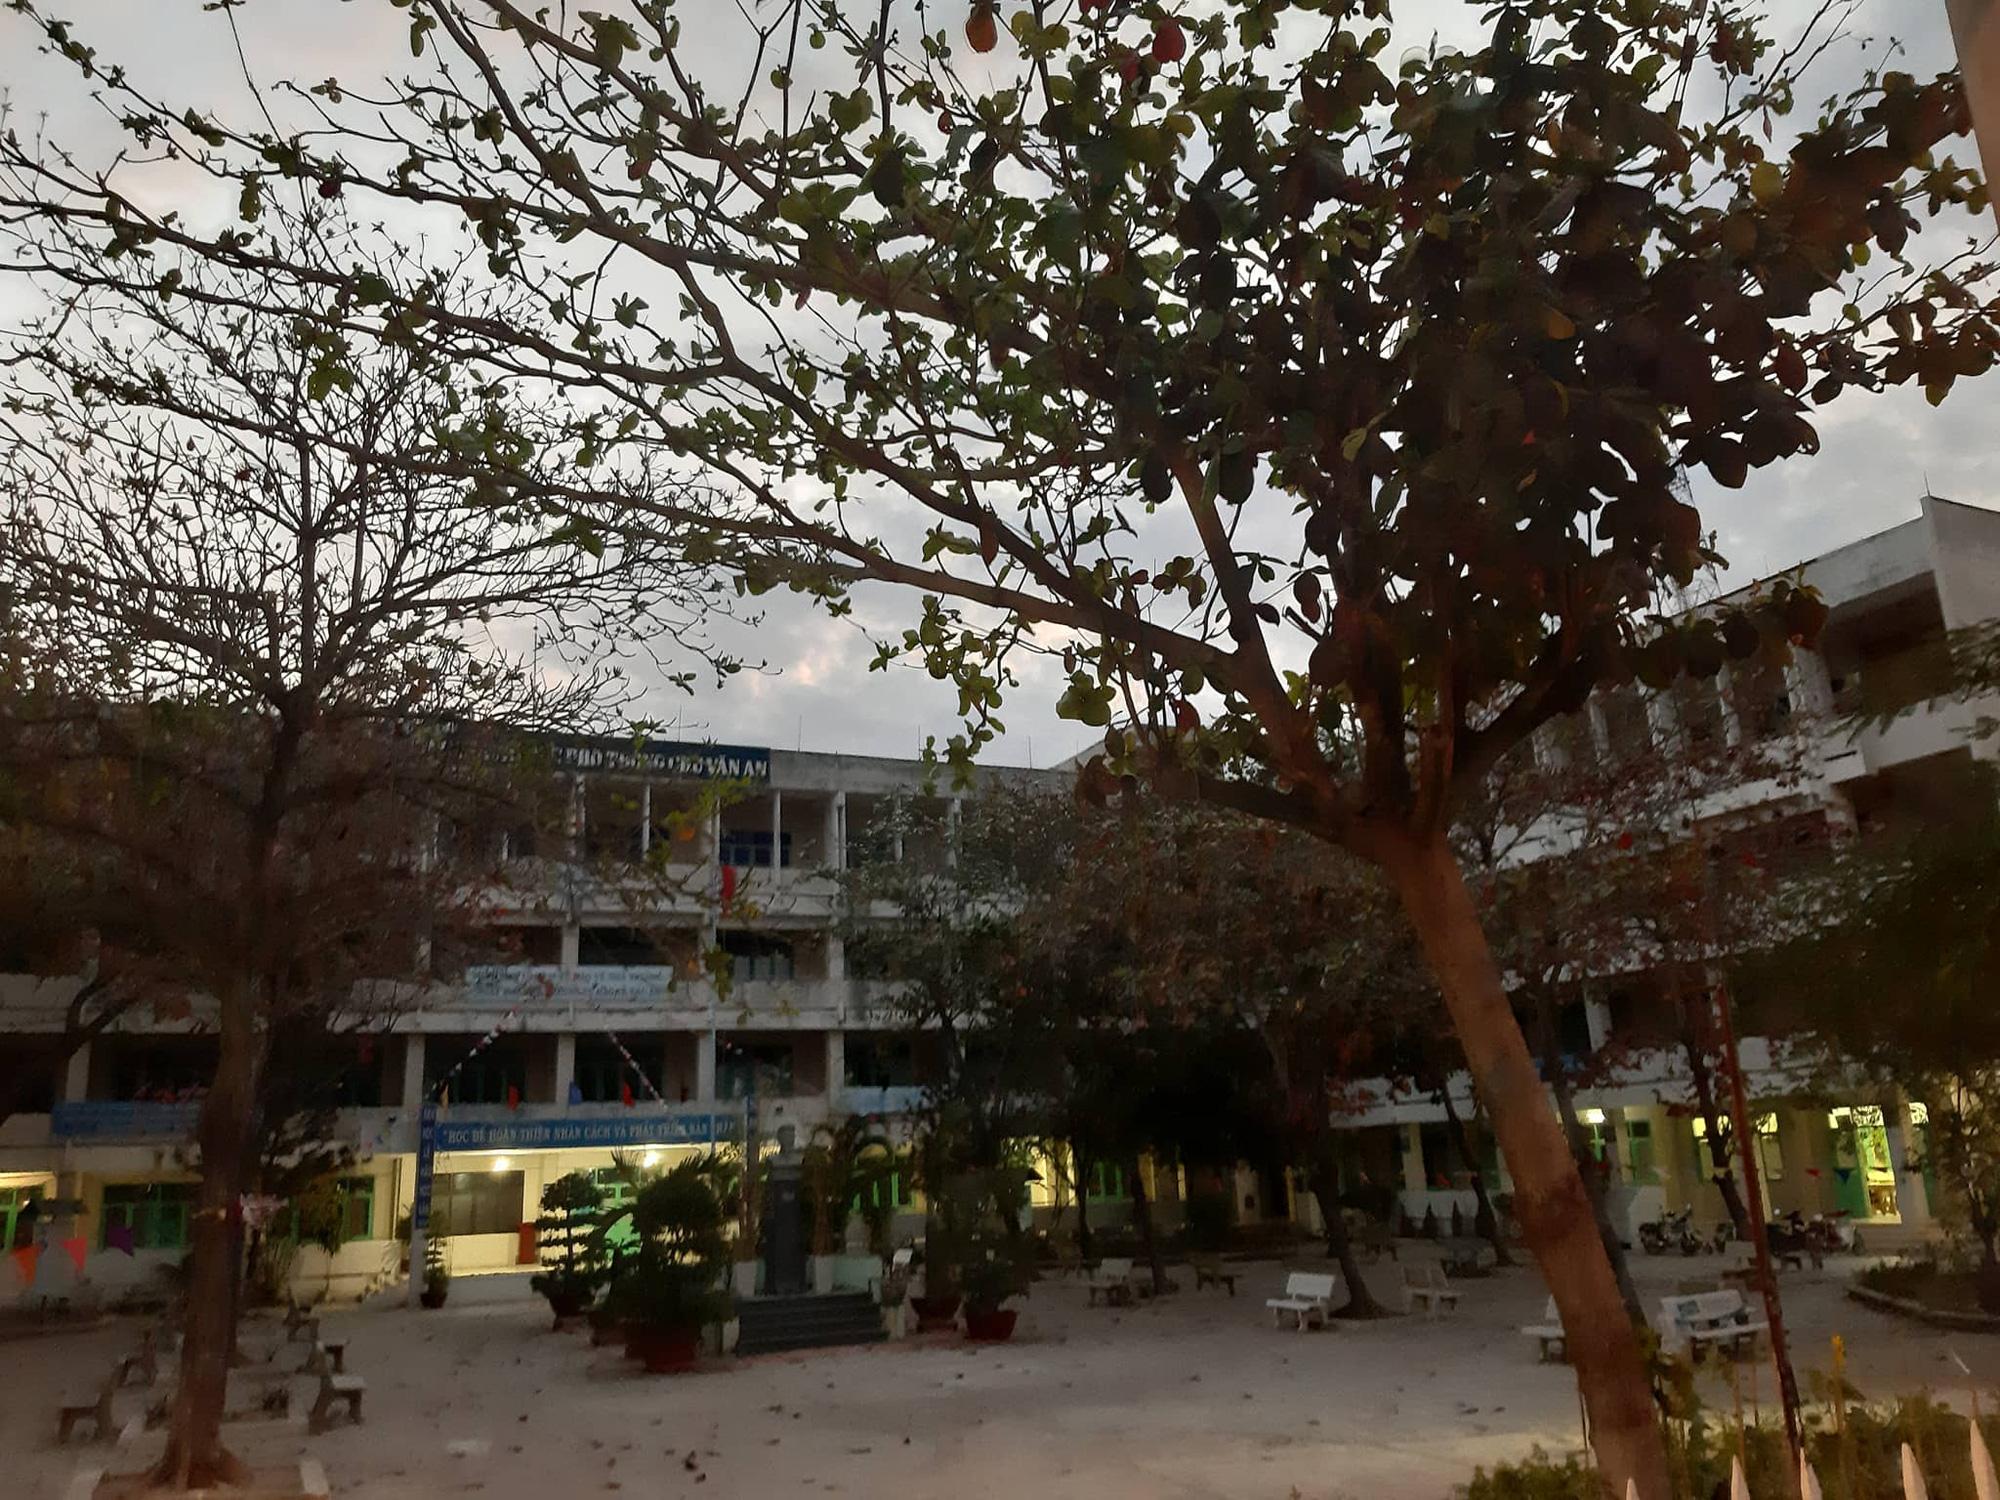 Ninh Thuận: Xác định được danh tính và bức thư tuyệt mệnh của người phụ nữ nhảy lầu trong trường học - Ảnh 1.